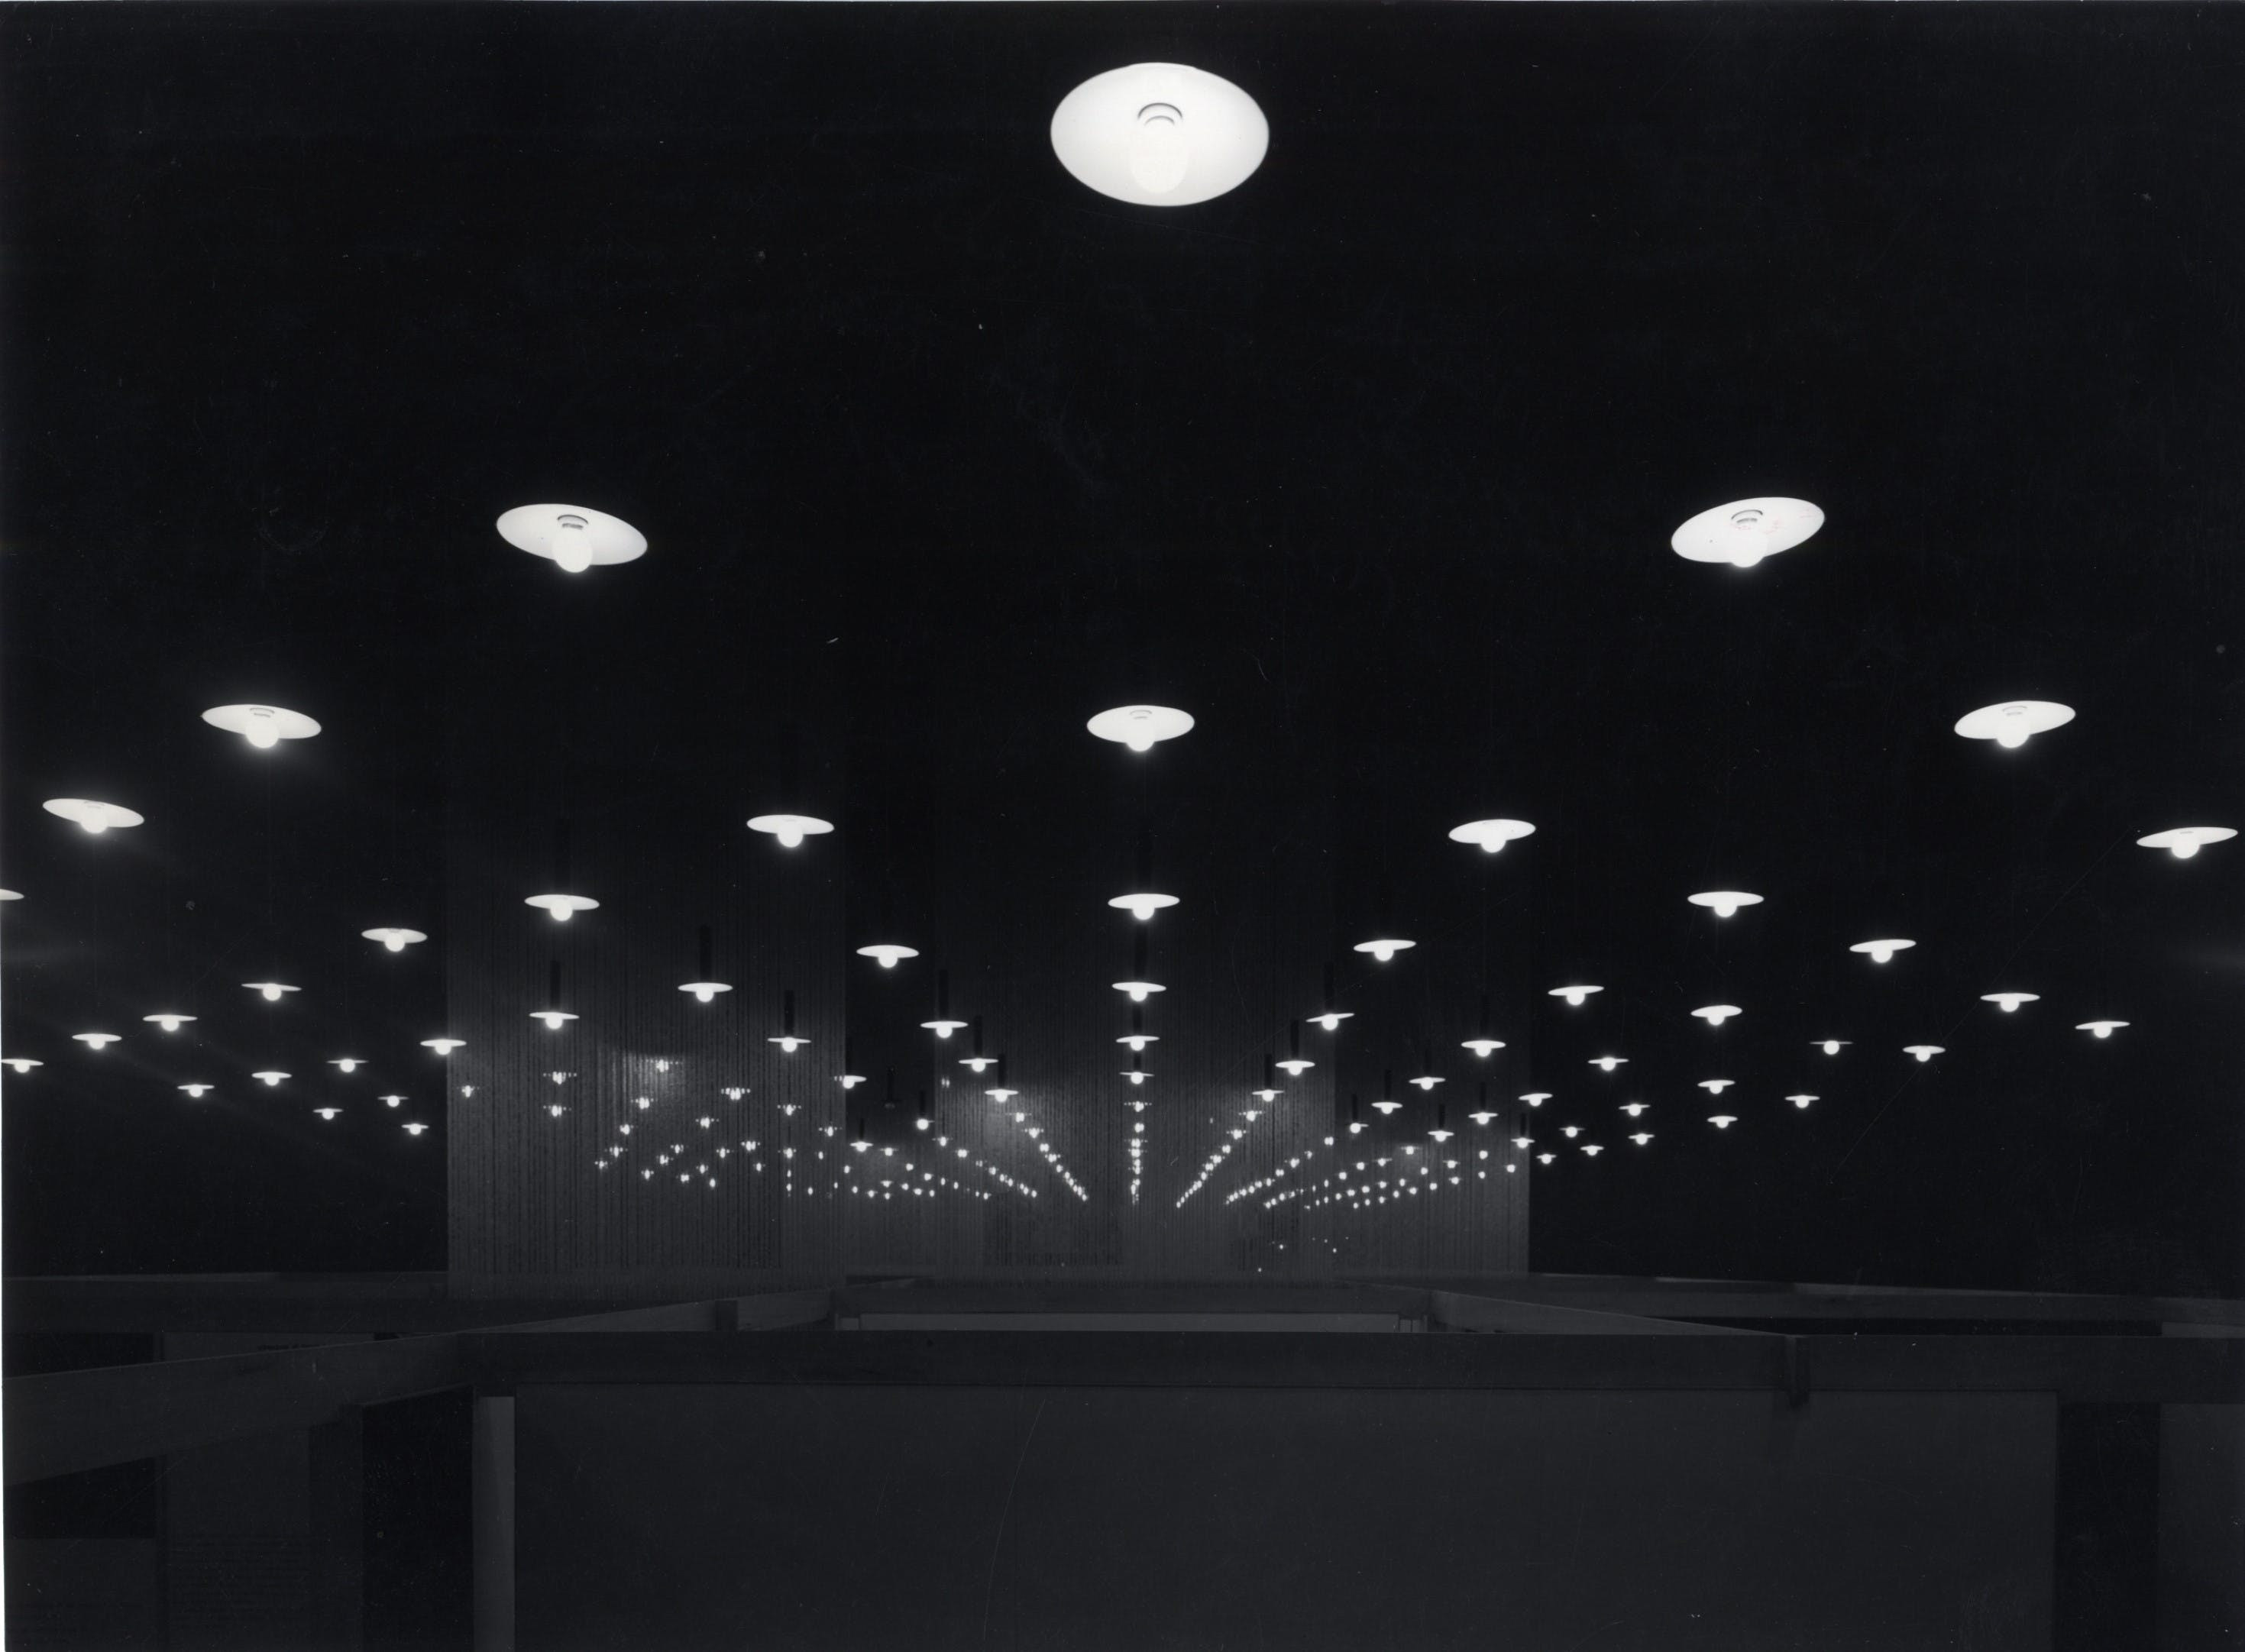 Mostra internazionale dell'Industrial Design, progetto dell'allestimento degli architetti Sergio Asti, Gianfranco Frattini, grafici Giulio Confalonieri e IlioNegri, 1957 - Triennale Milano